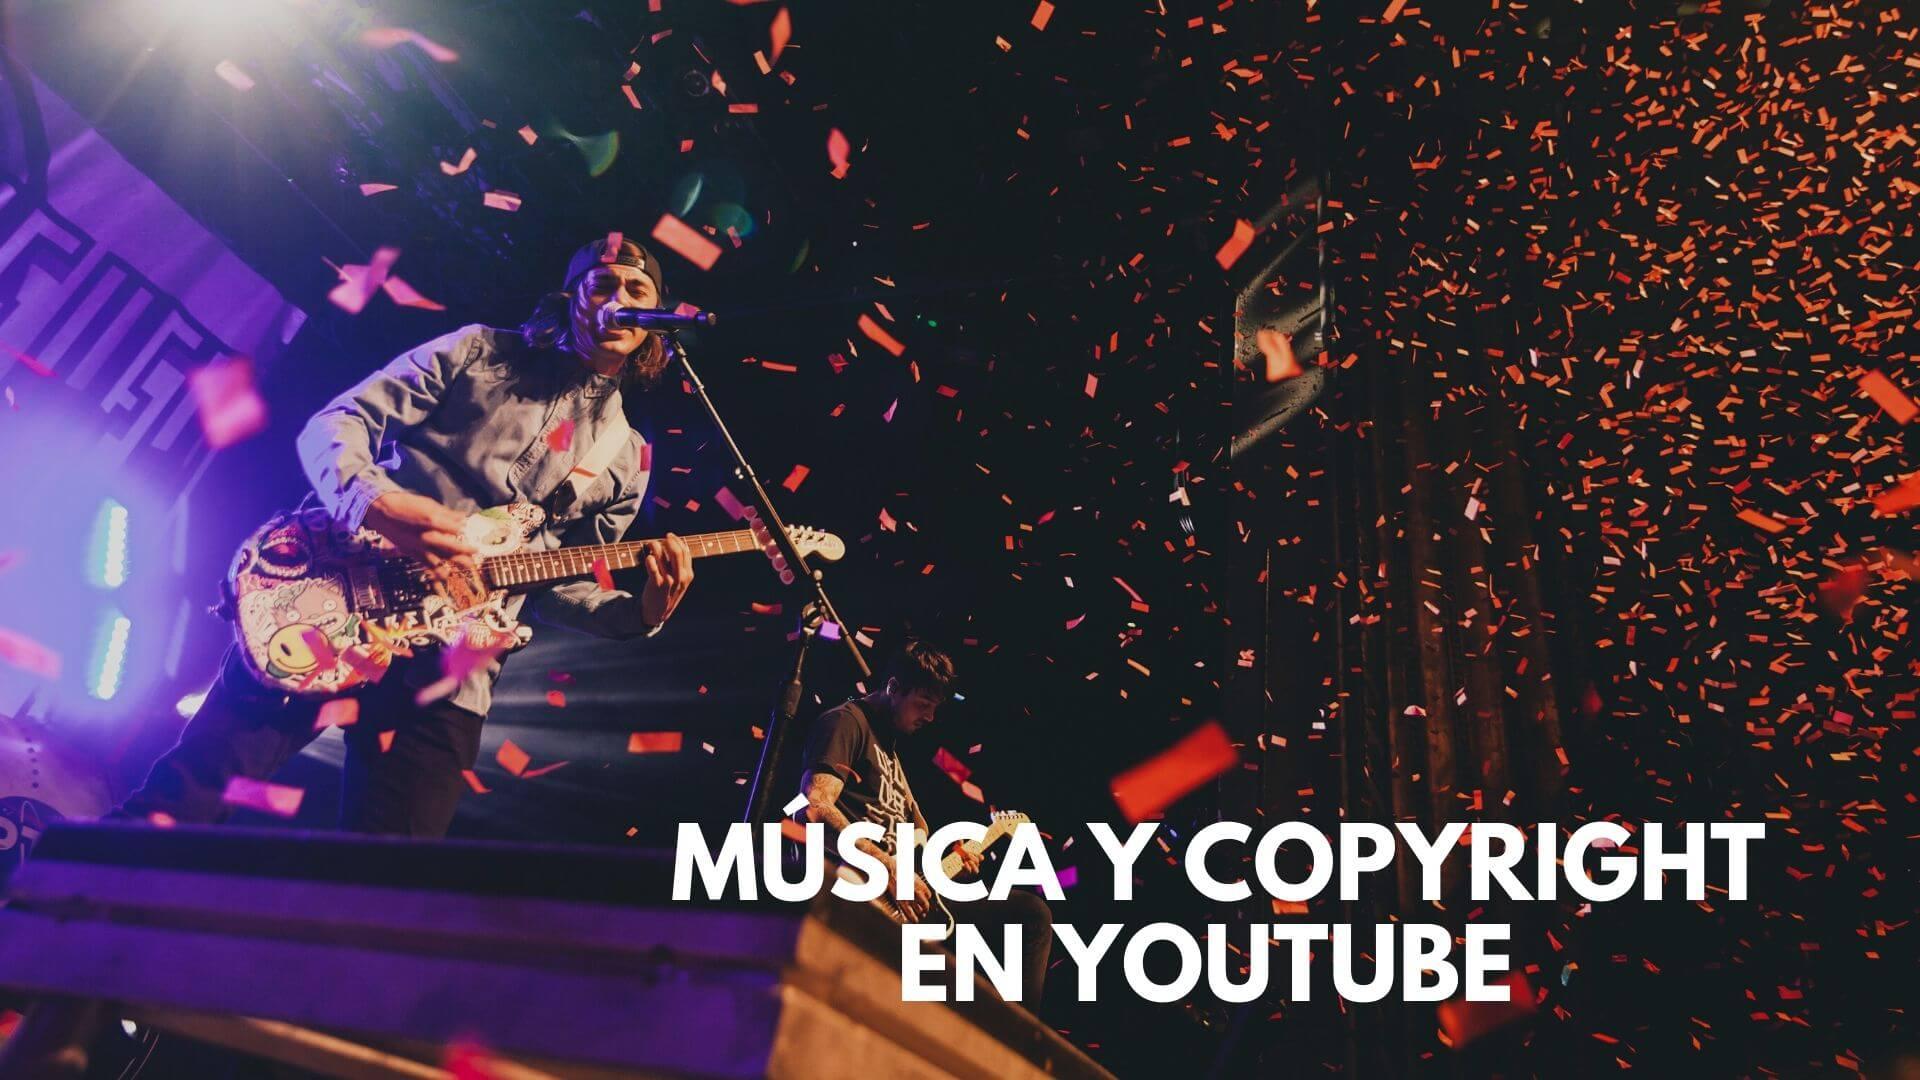 Música y Copyright en Youtube – qué puedo y no puedo hacer